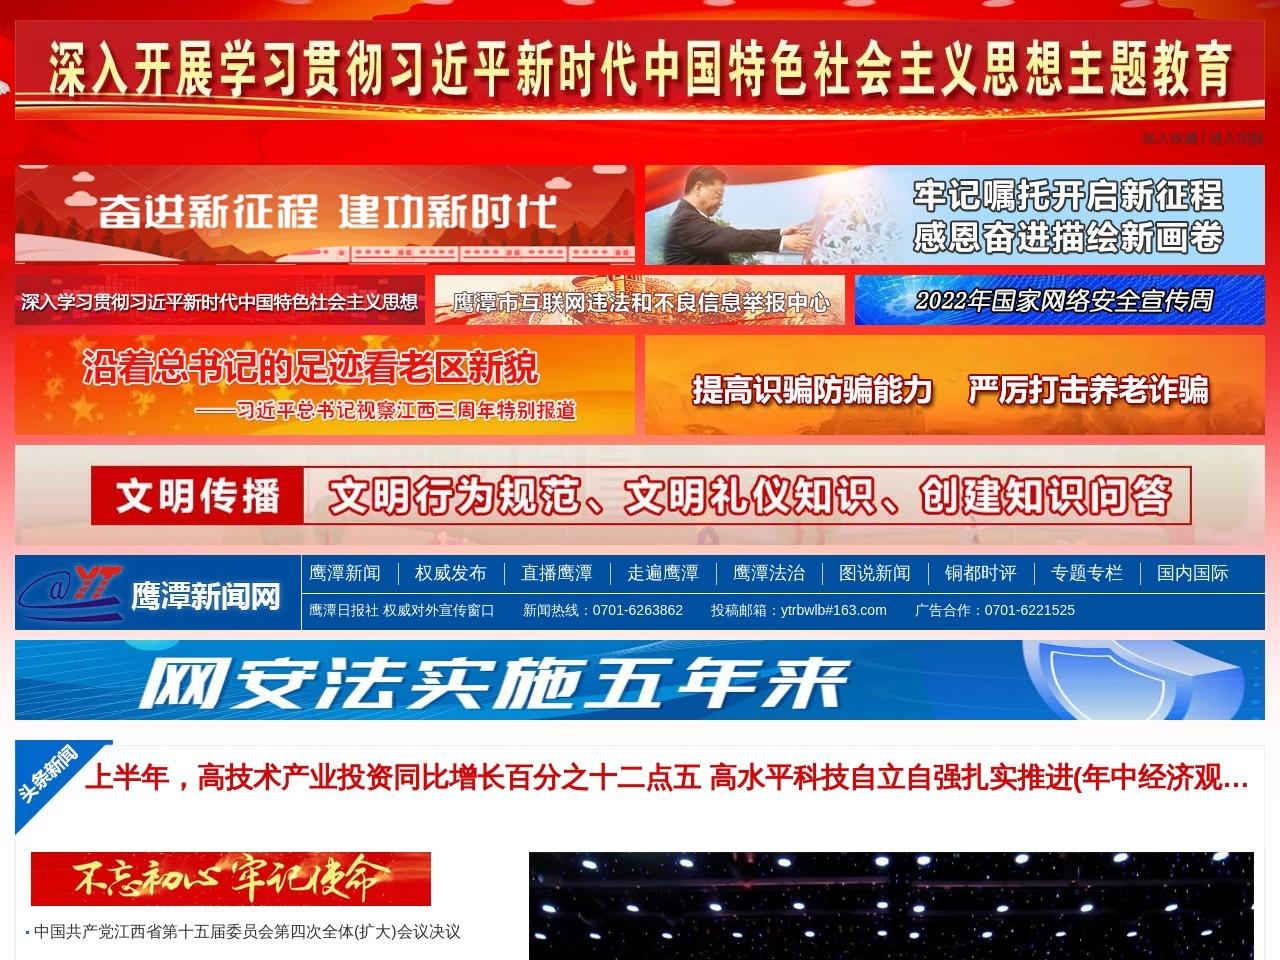 鹰潭新闻网_鹰潭独家权威新闻网站